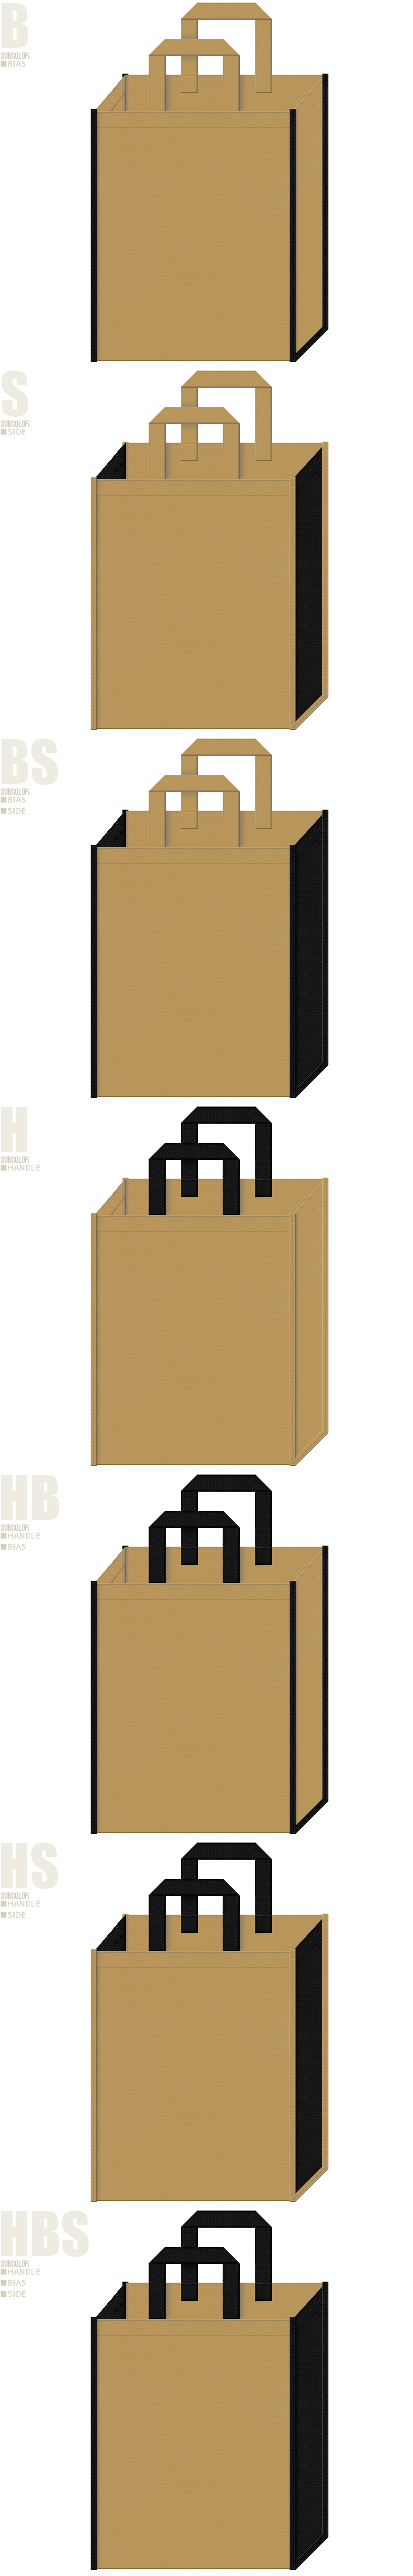 金色系黄土色と黒色、7パターンの不織布トートバッグ配色デザイン例。お城・歴史イベントのバッグノベルティにお奨めです。屏風・襖絵・額縁風。